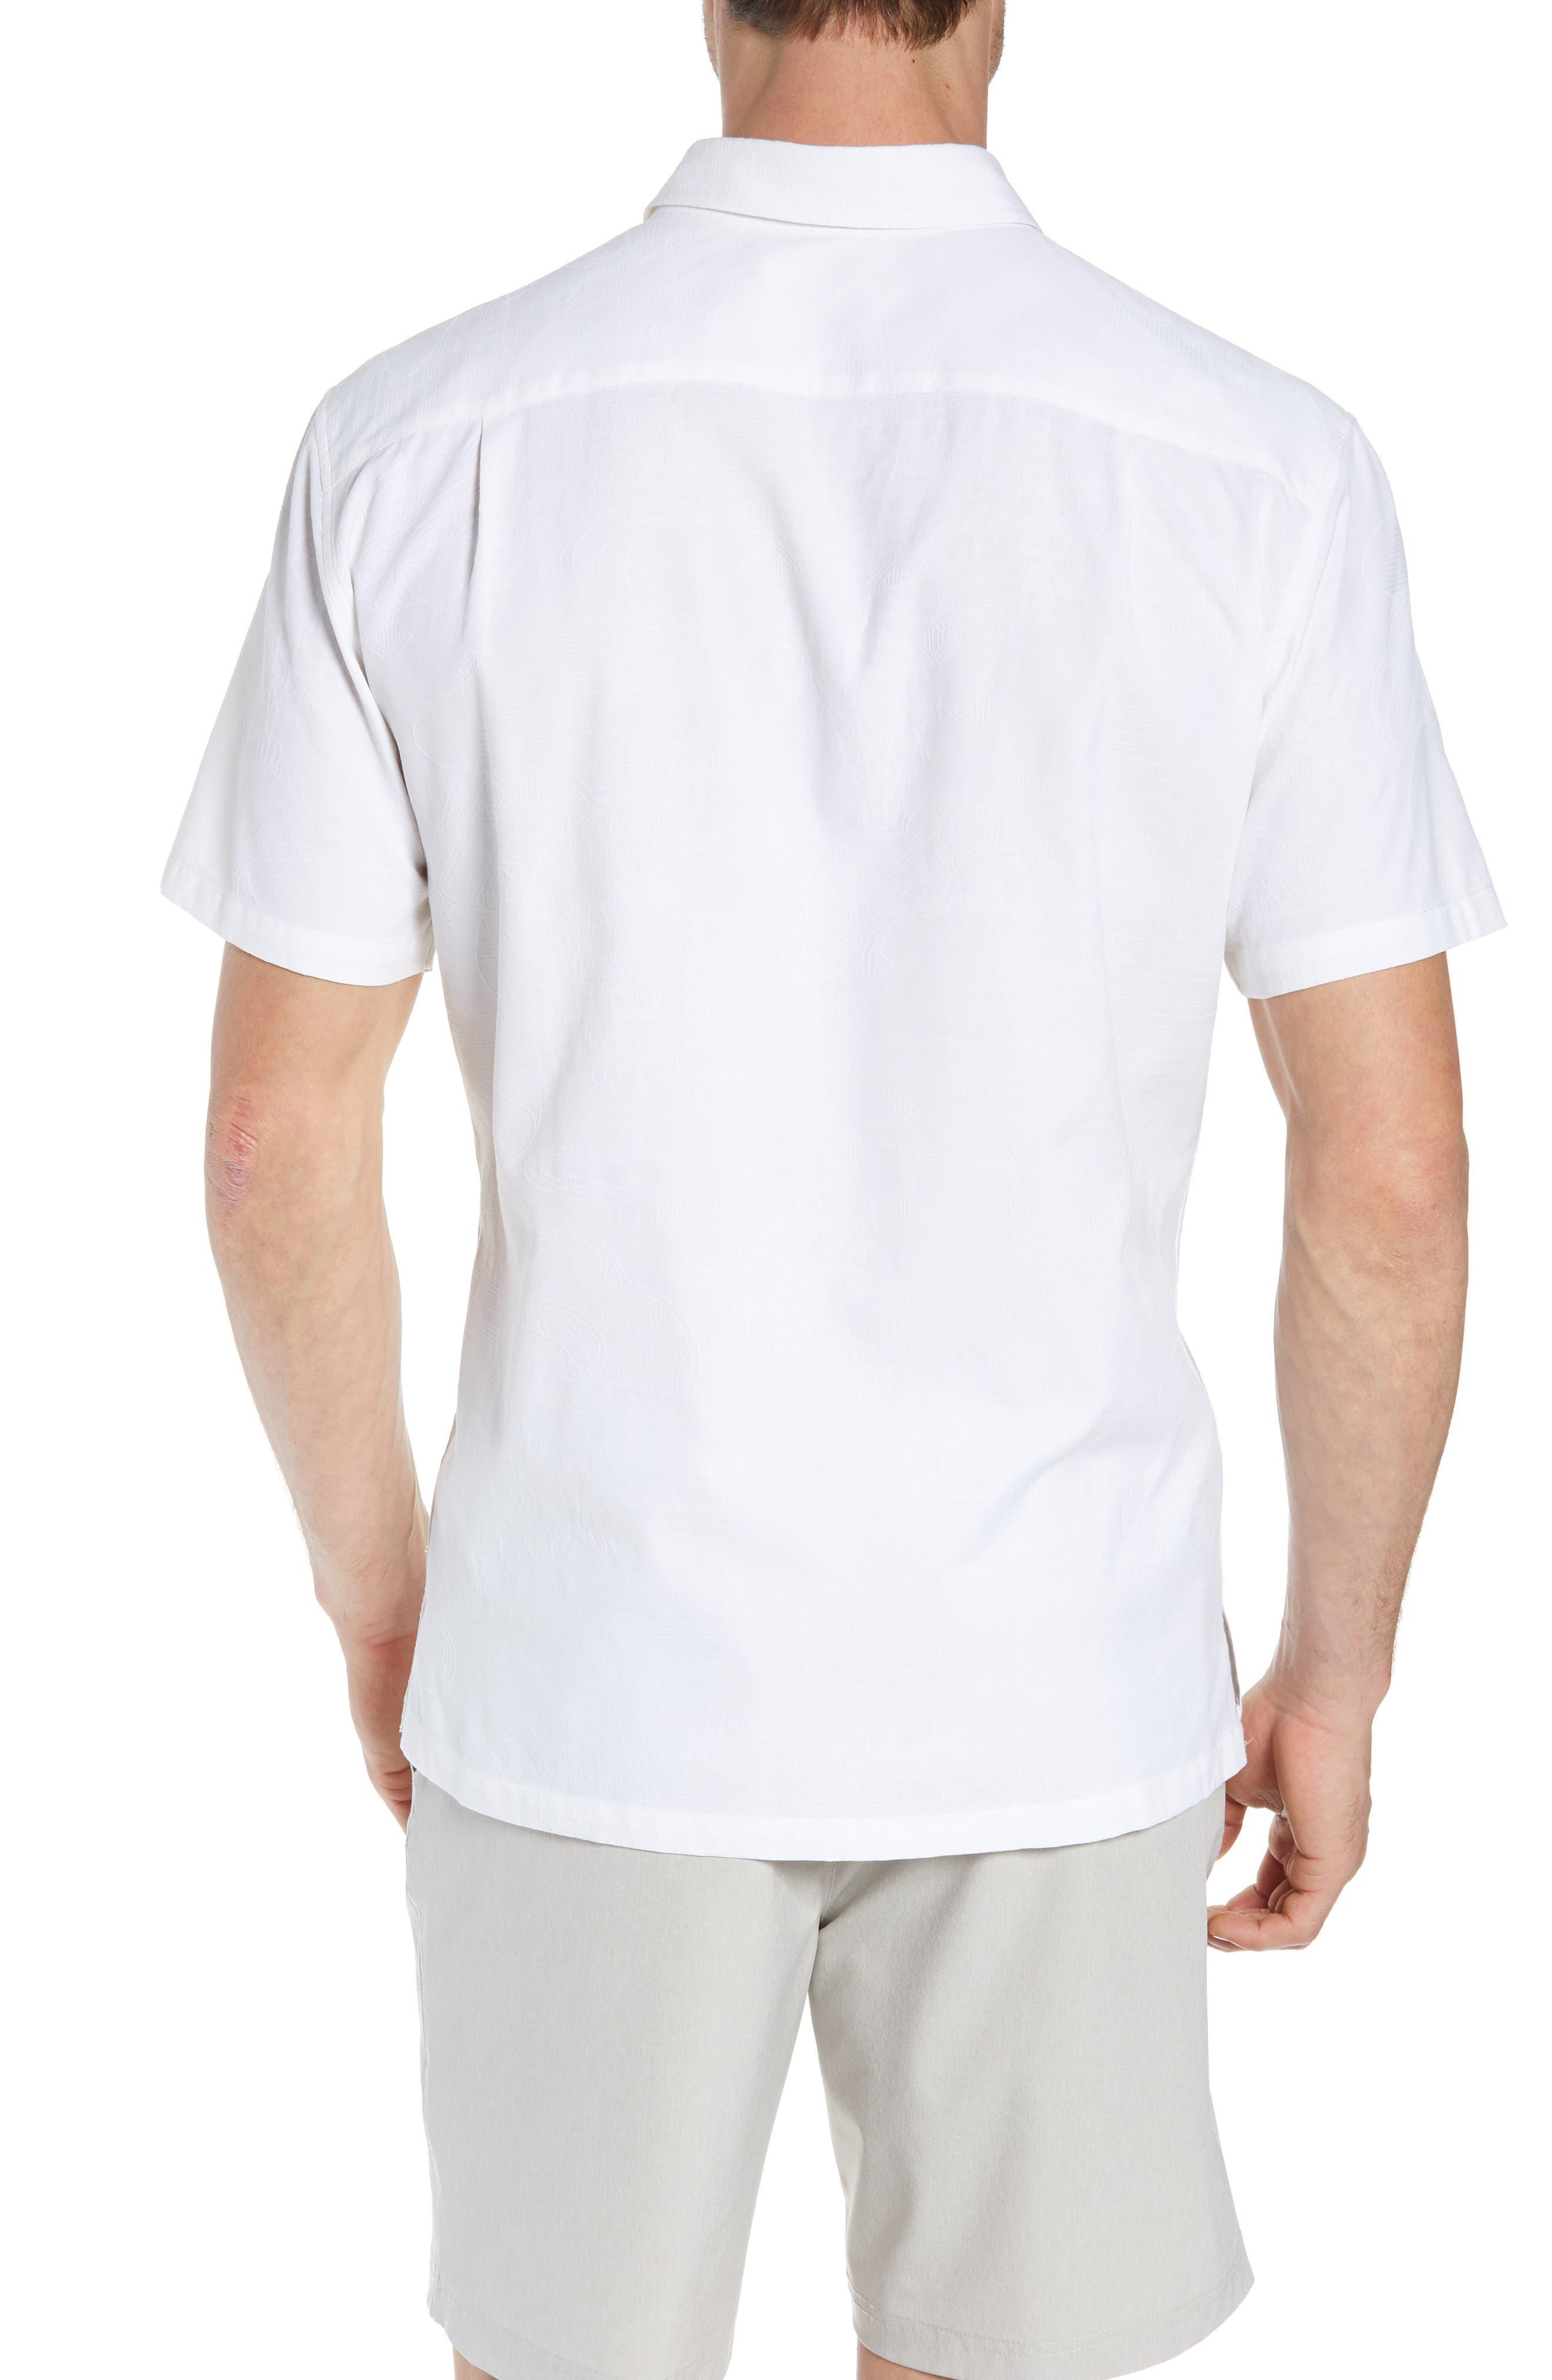 71193cf12c7 Men s Tori Richard Shirts